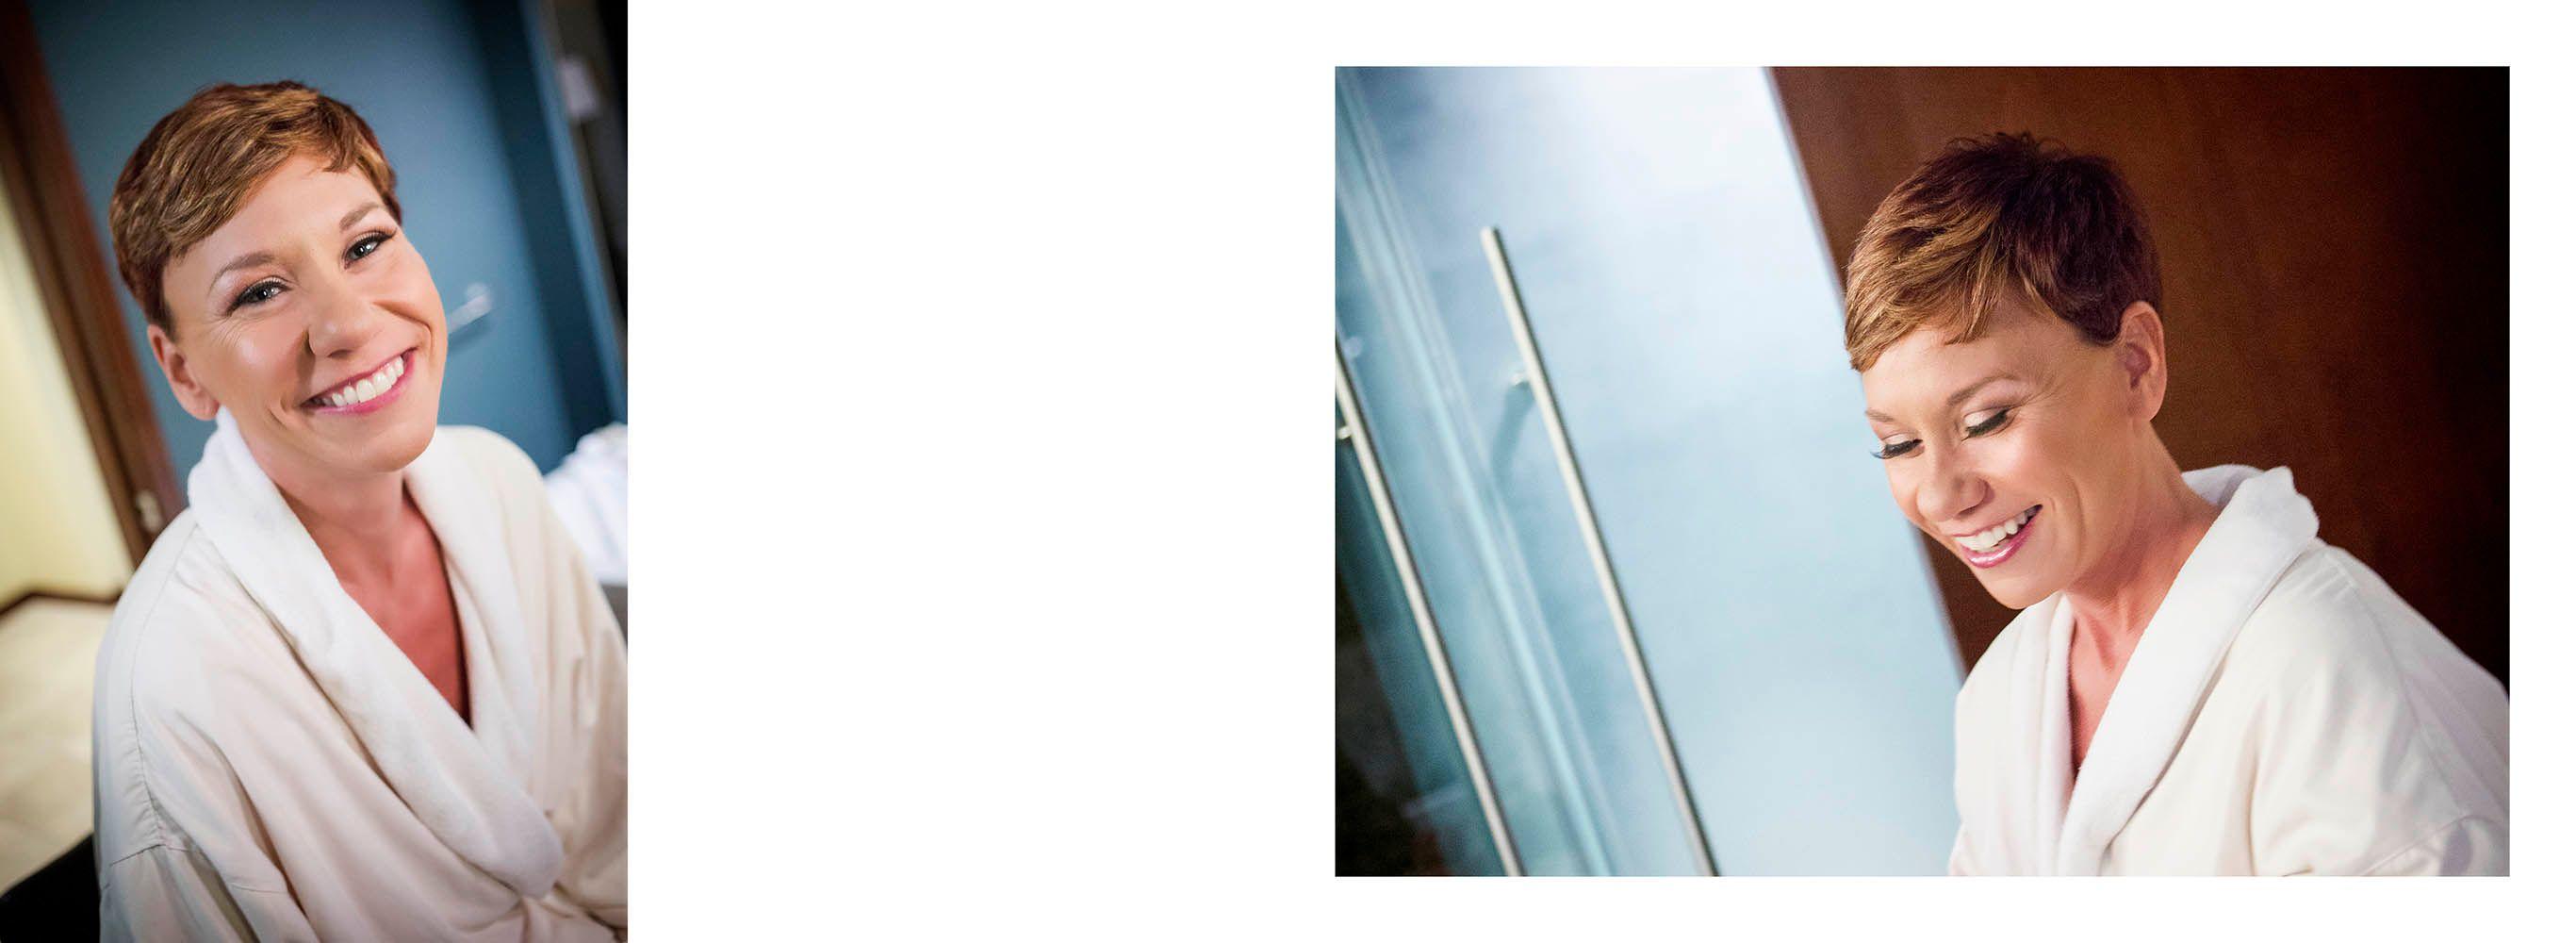 Moran ALbum V1-002.jpg